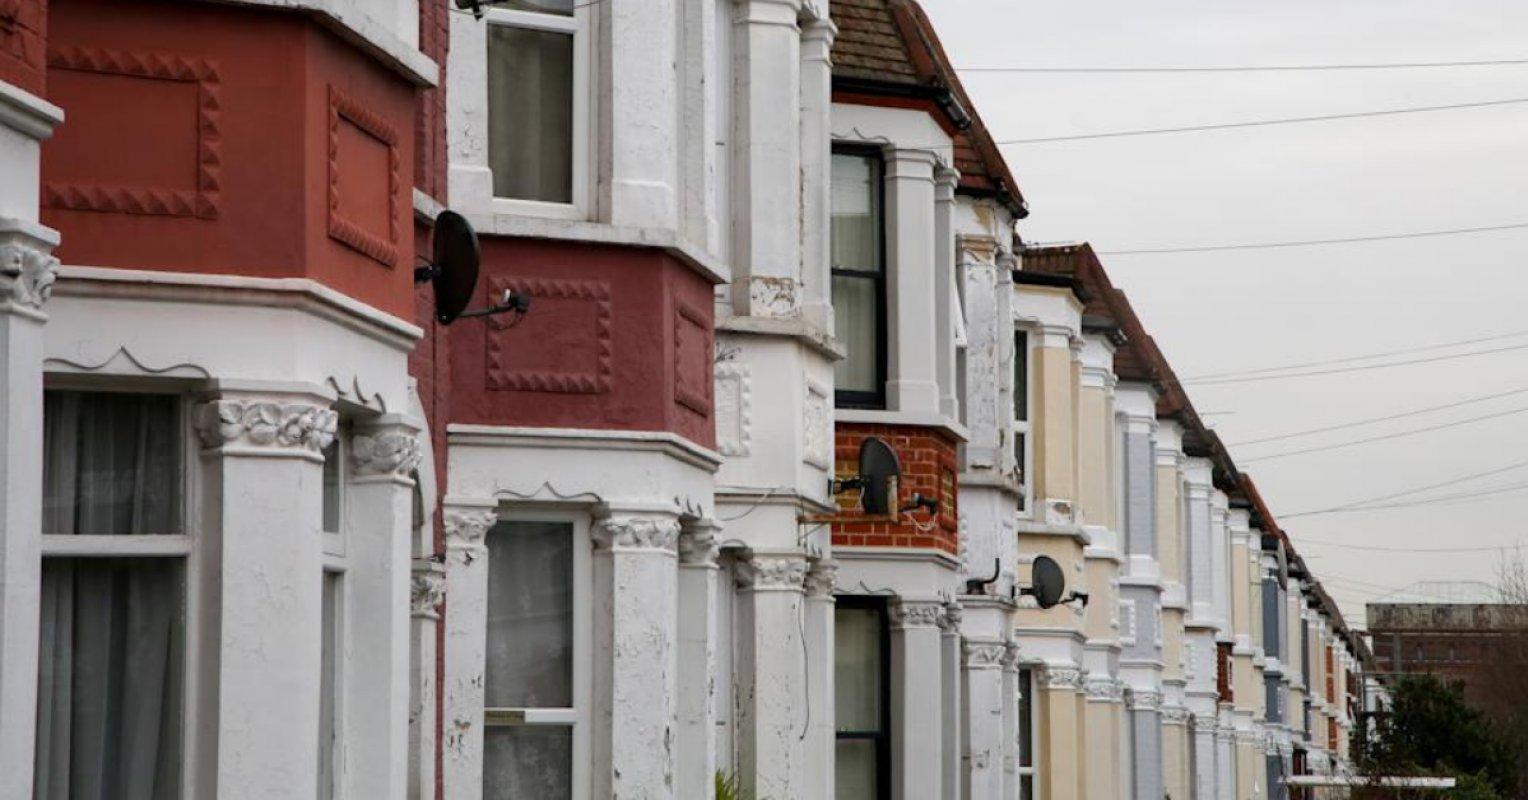 英國市中心公寓需求錄得39%增長